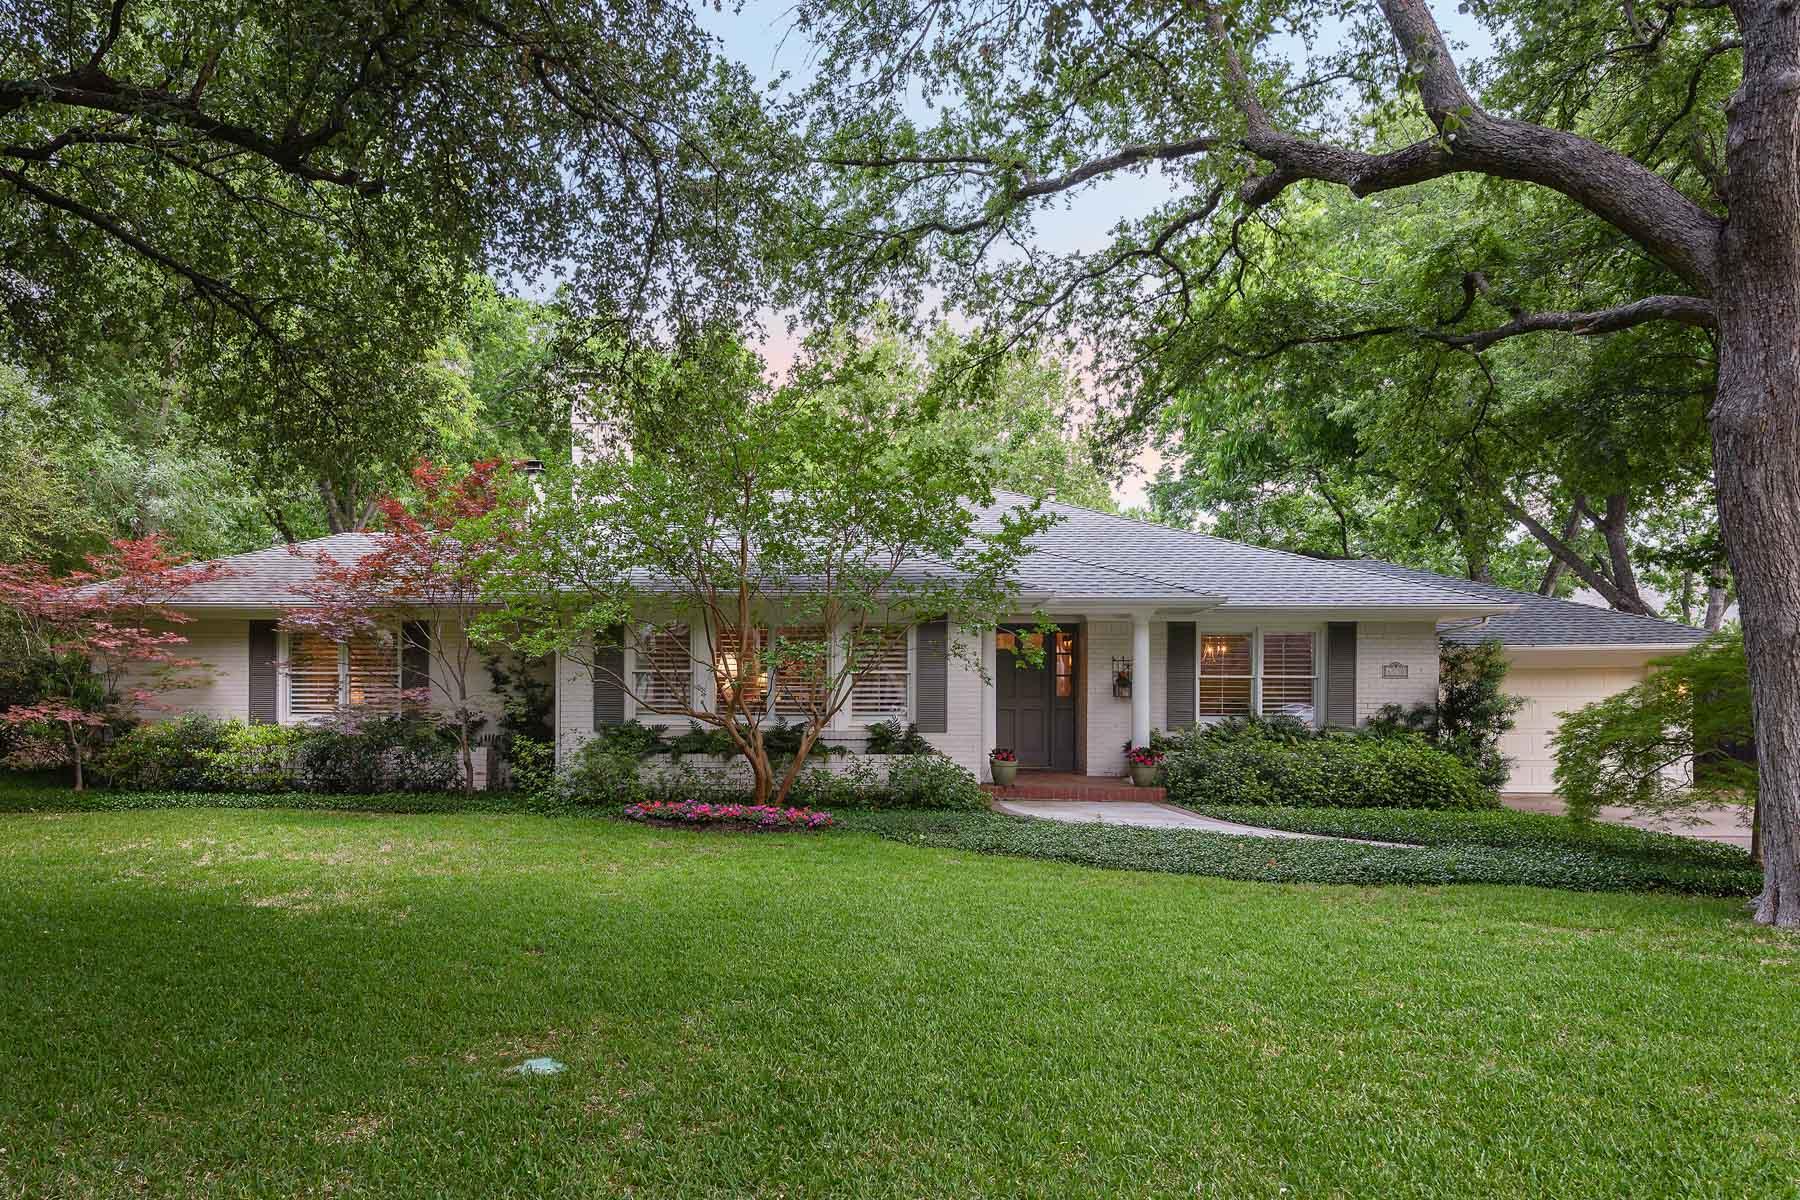 一戸建て のために 売買 アット Preston Hollow Traditional Ranch-Style 6530 Desco Dr Dallas, テキサス, 75225 アメリカ合衆国